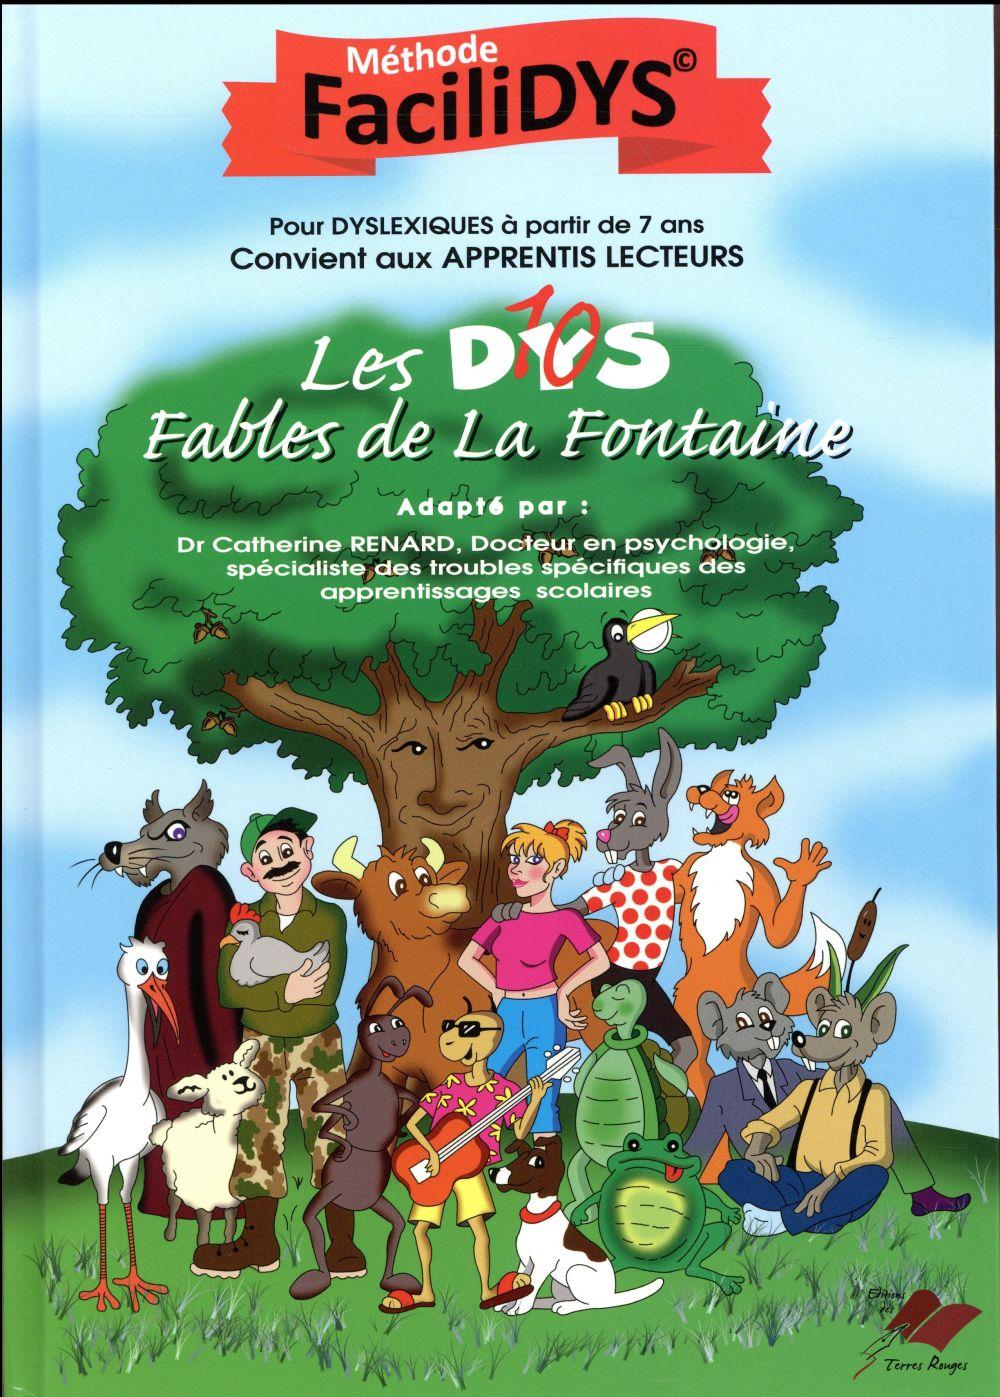 Les dys (10) fables, de La Fontaine